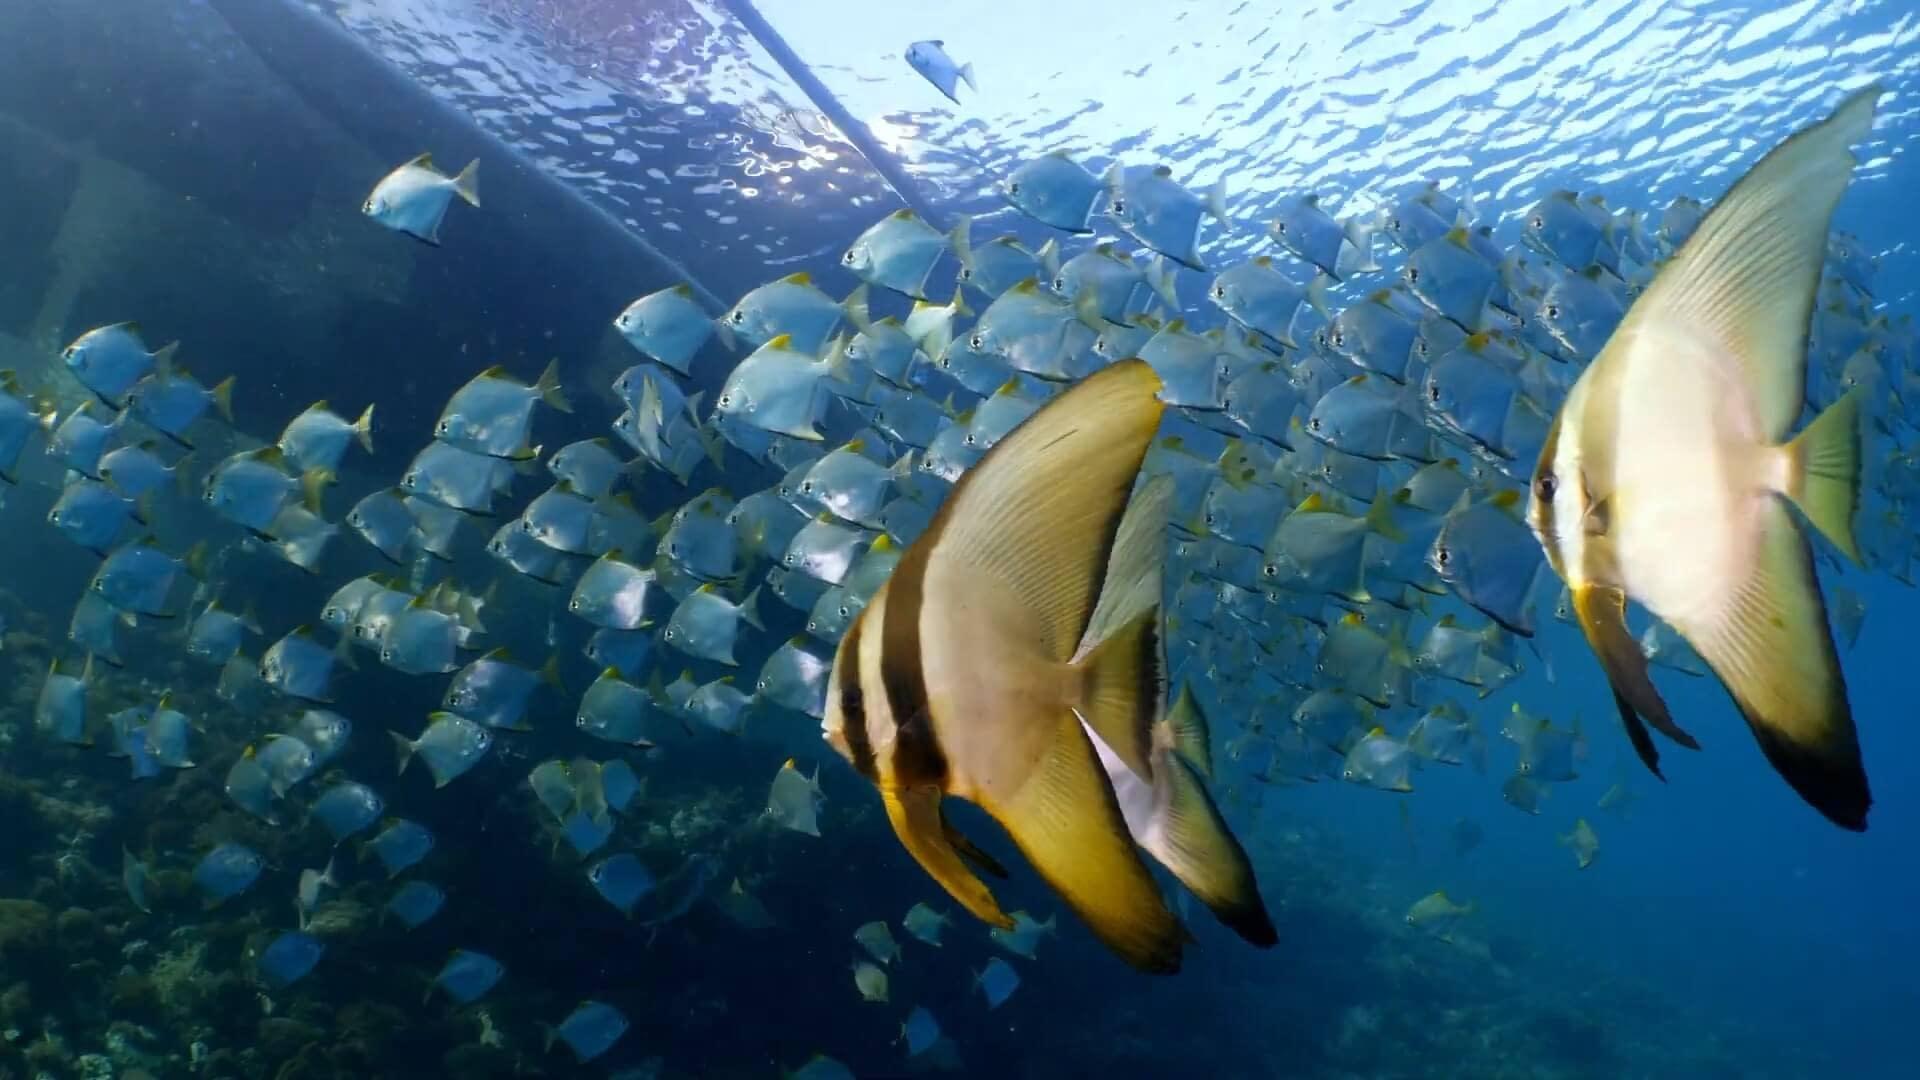 House Reef Diamondfish School Next To The Alami Jetty